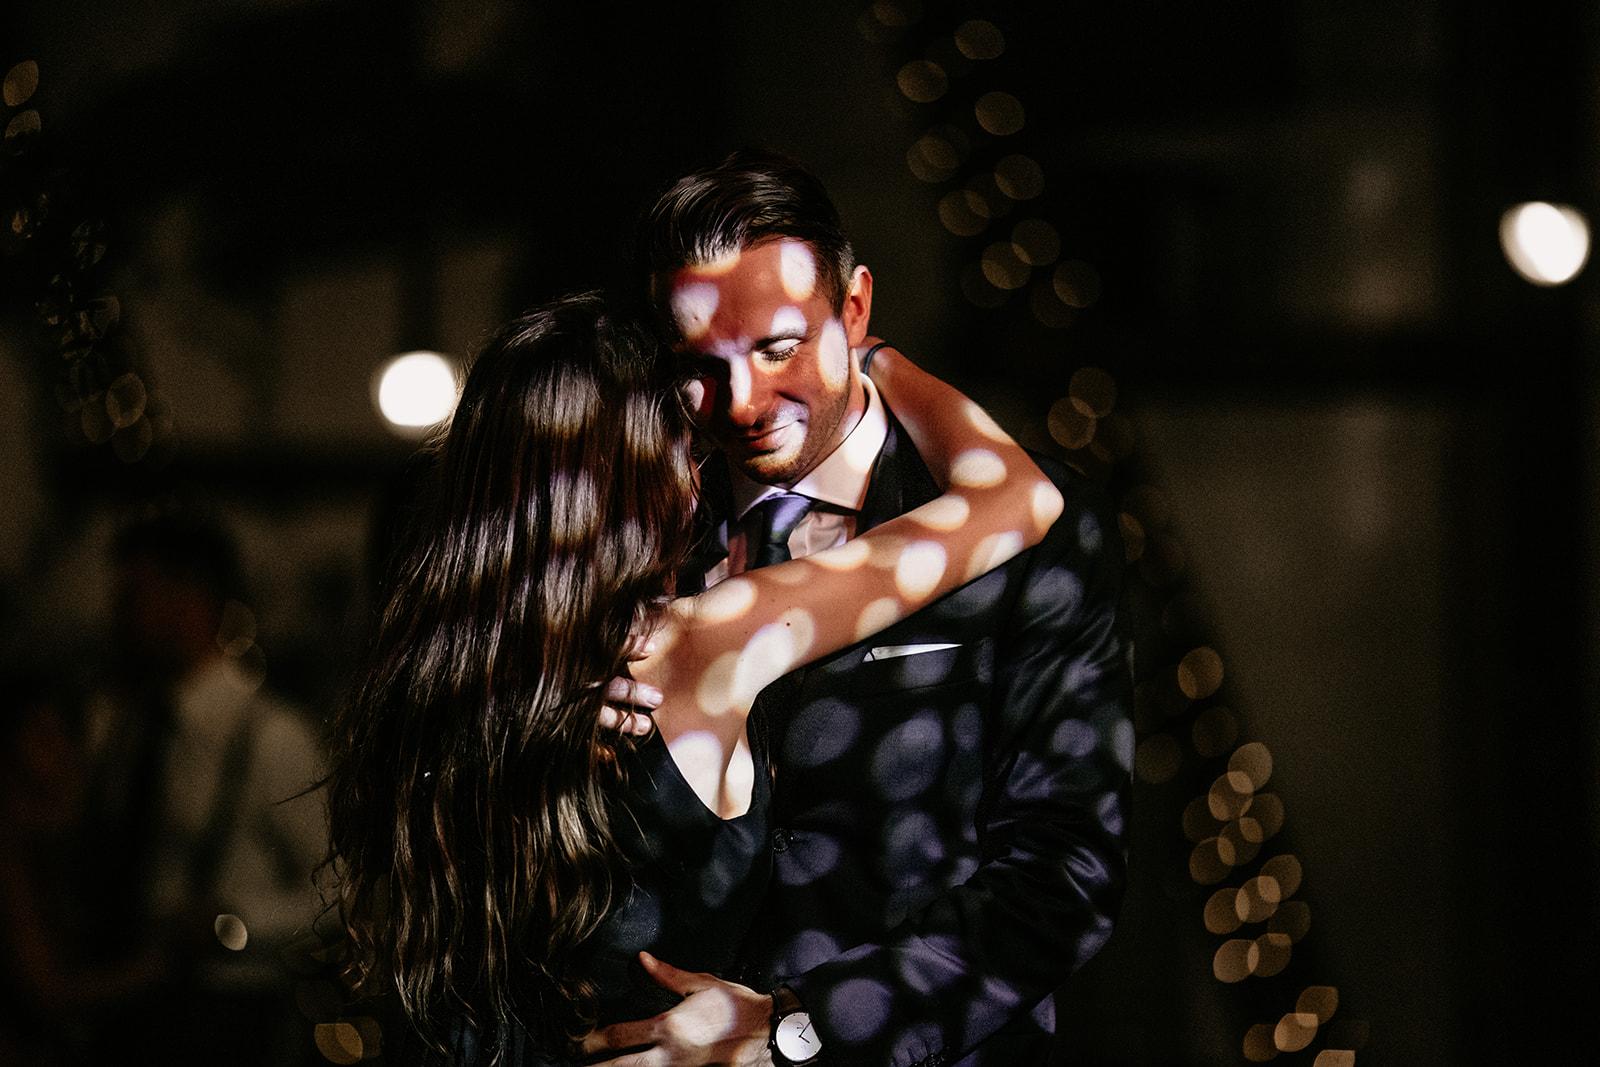 romantyczny-pierwszy-taniec-paraobiektywni-fotografie